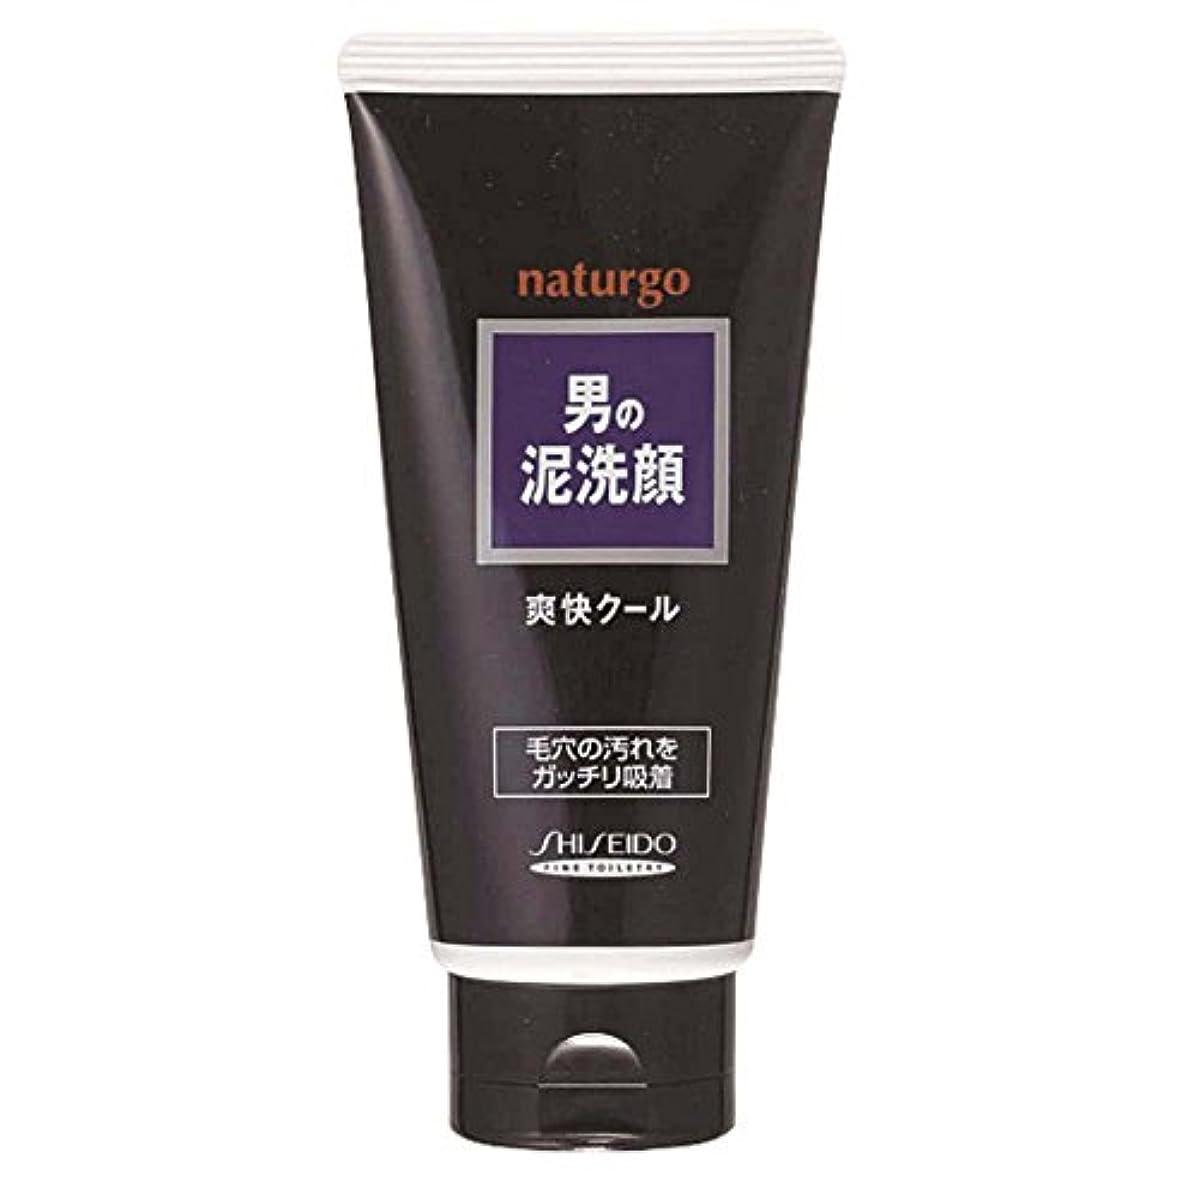 ハンバーガーシンポジウムループナチュルゴ メンズクレイ洗顔フォーム黒 130g